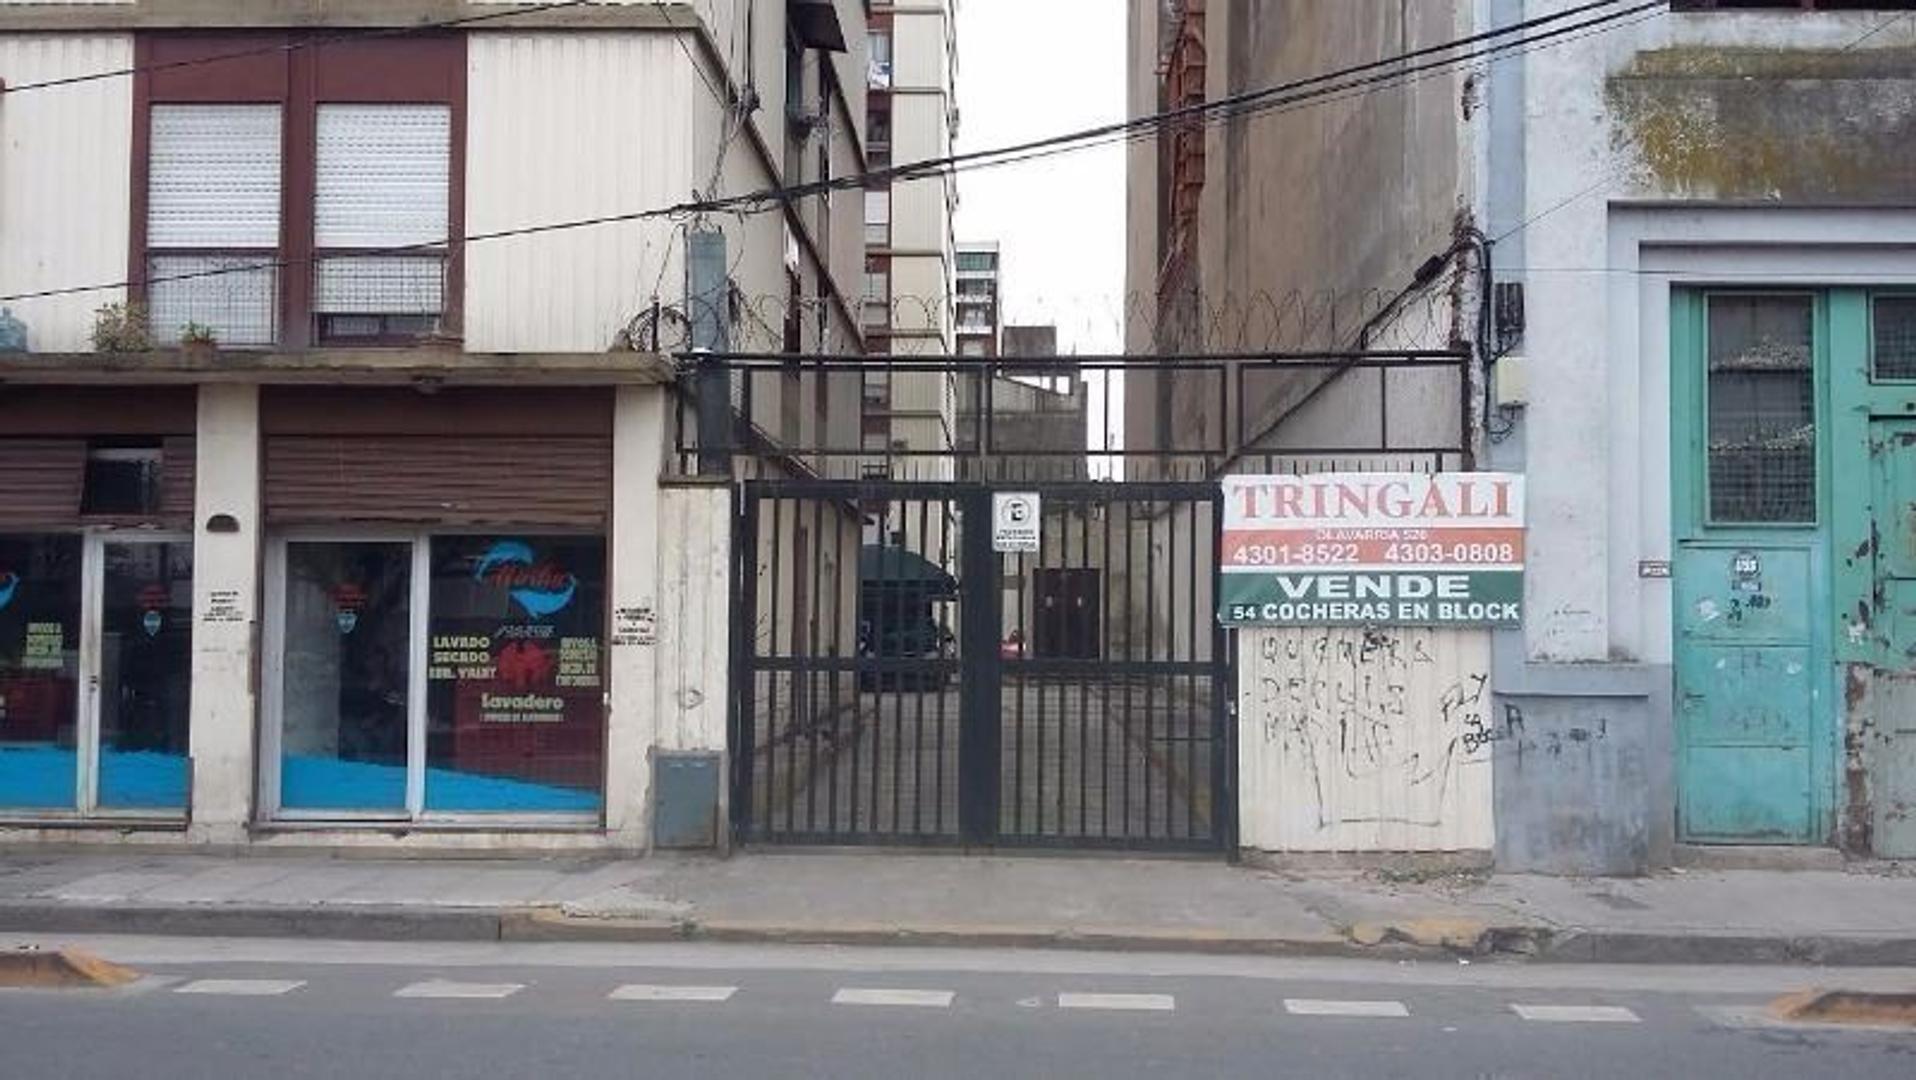 VENTA EN BLOCK DE 54 COCHERAS ( UNIDADES FUNCIONALES Y COMPLEMENTARIAS)